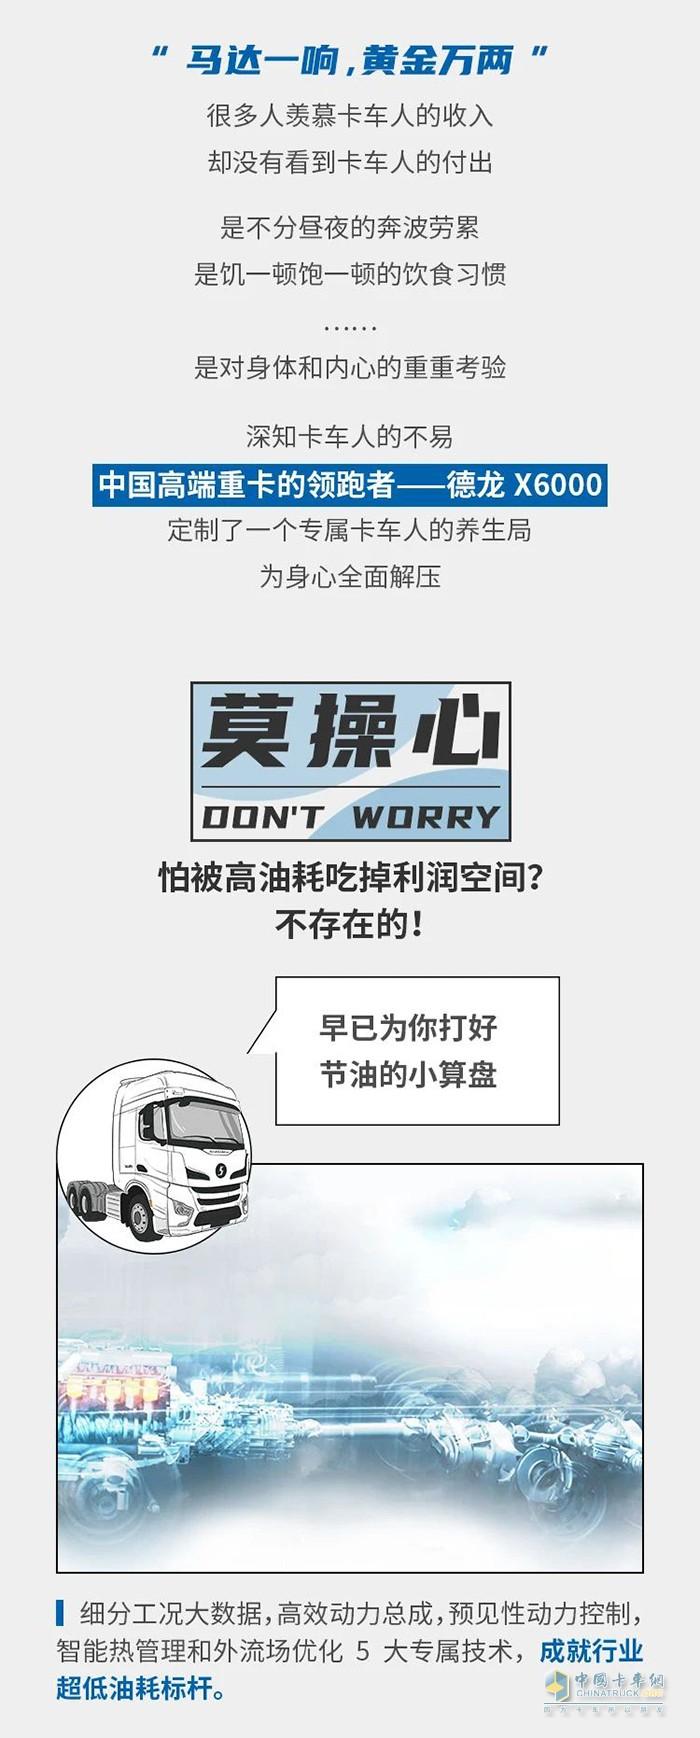 德龙X6000:为卡车人定制的养生局